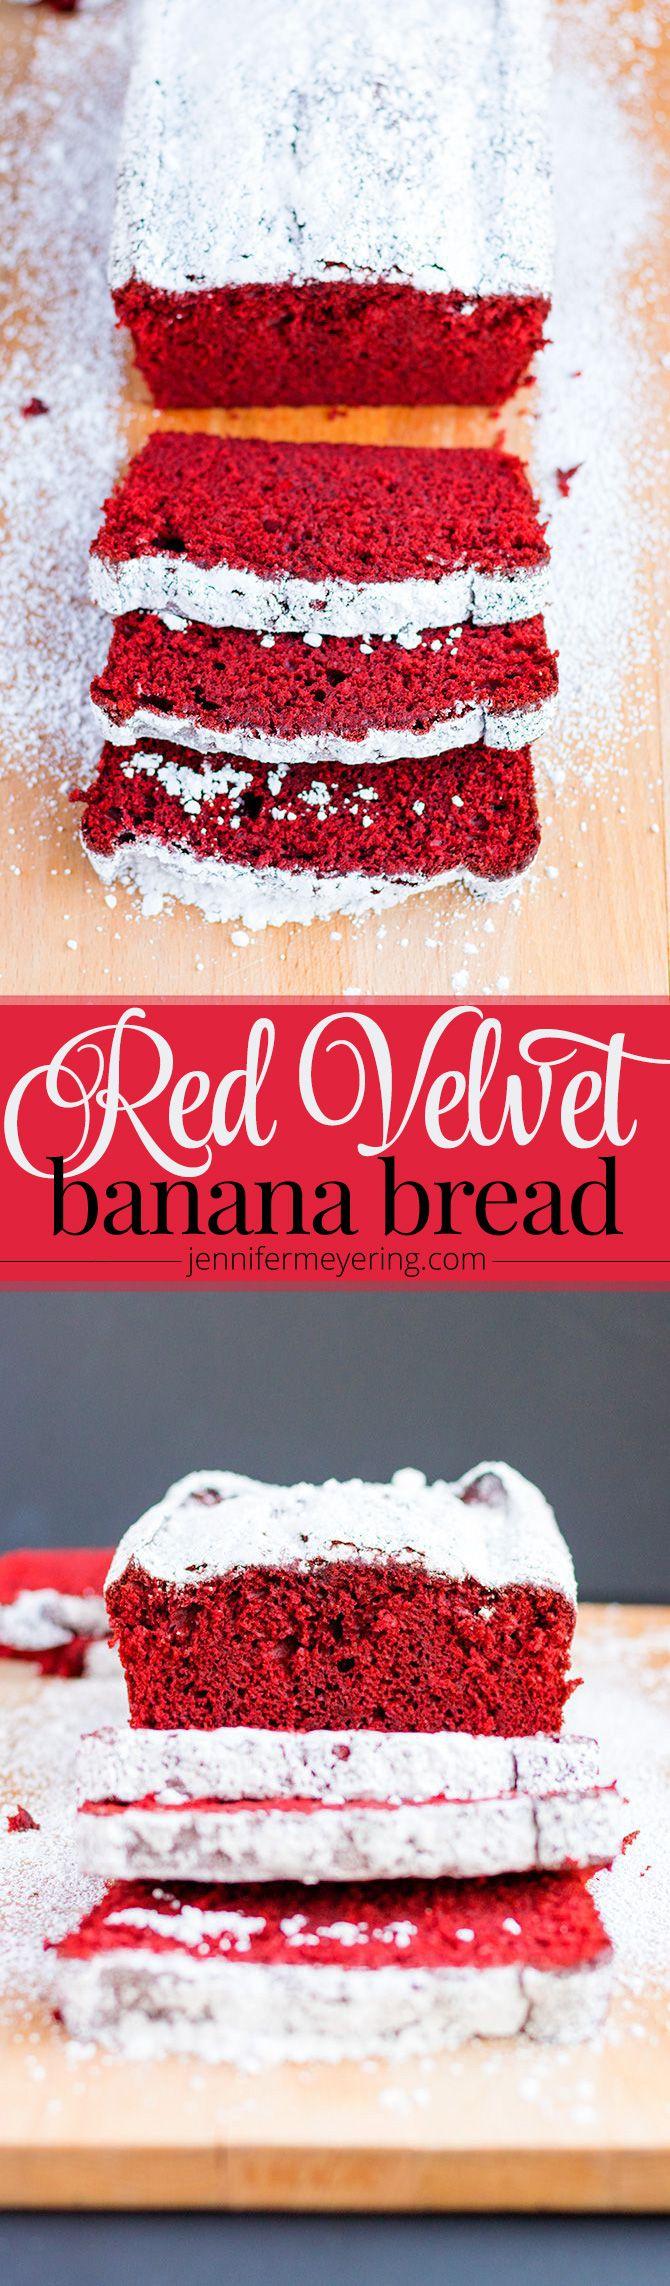 Red Velvet Banana Bread - JenniferMeyering.com                                                                                                                                                                                 More